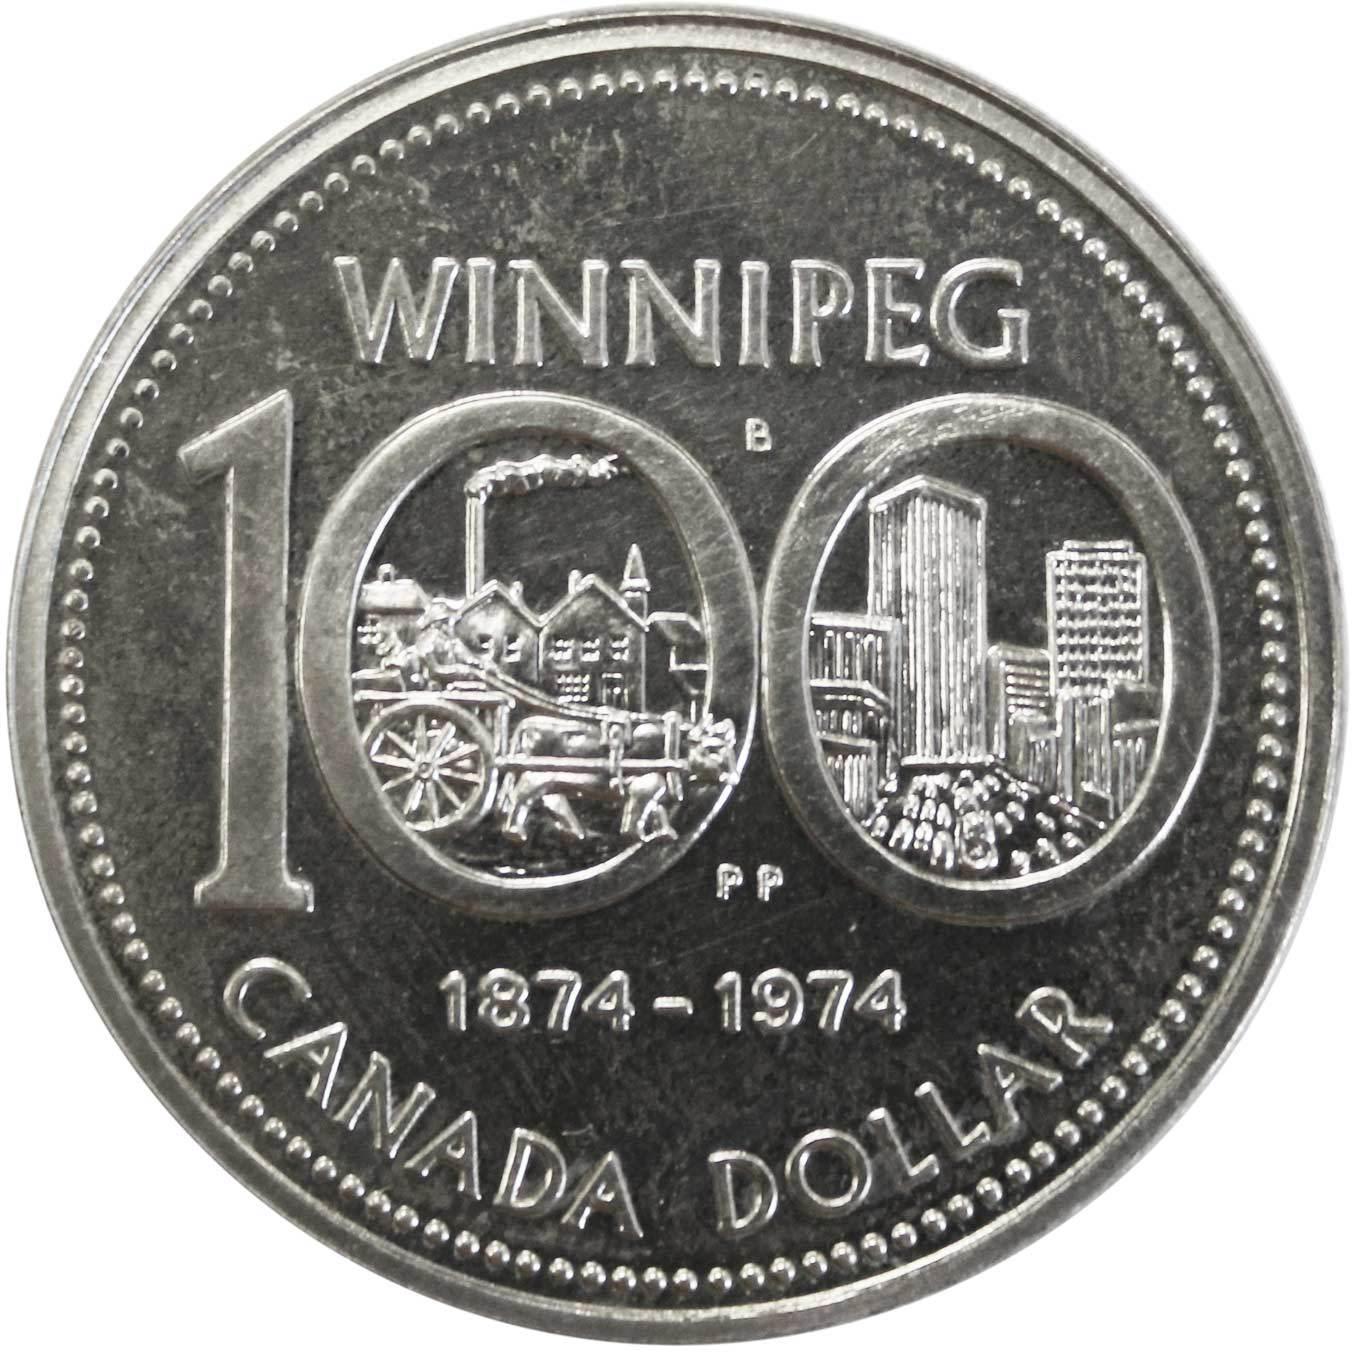 1 доллар. 100 лет городу Виннипег. Канада. Серебро. 1974 год. BrUNC